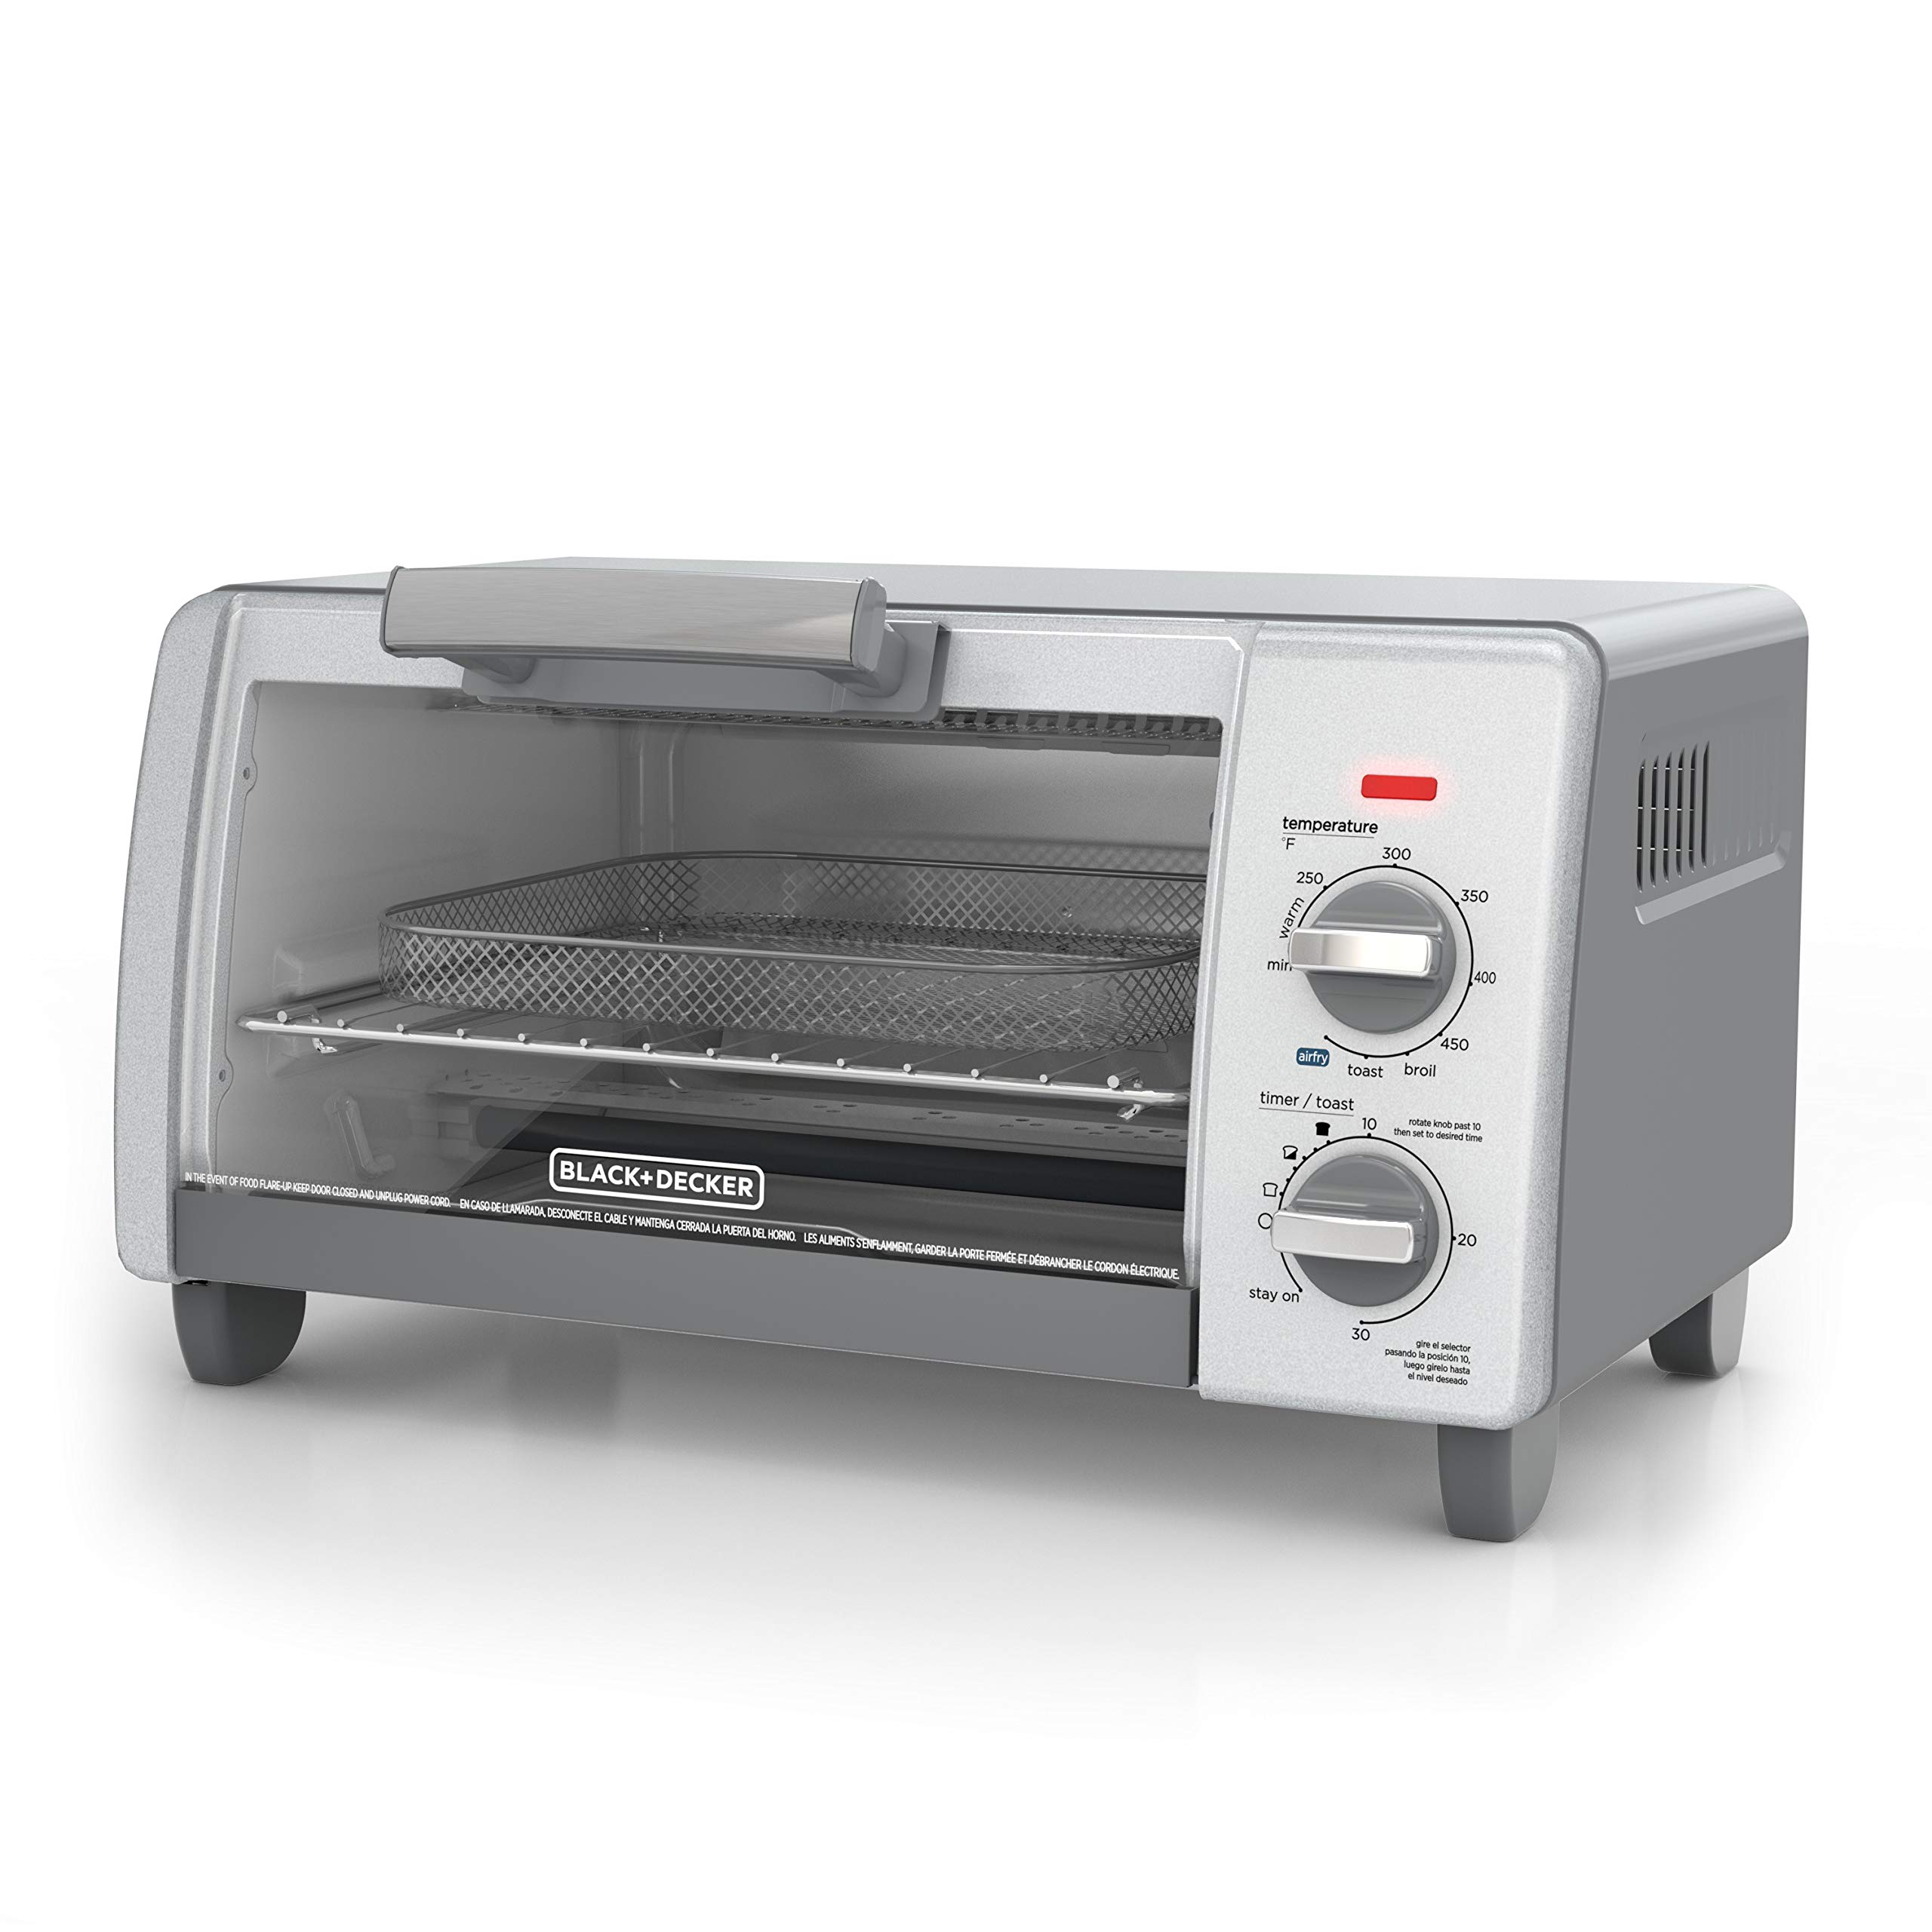 BLACK+DECKER TO1785SG Crisp 'N Bake Air Fry Toaster Oven, 4-Slice, Gray